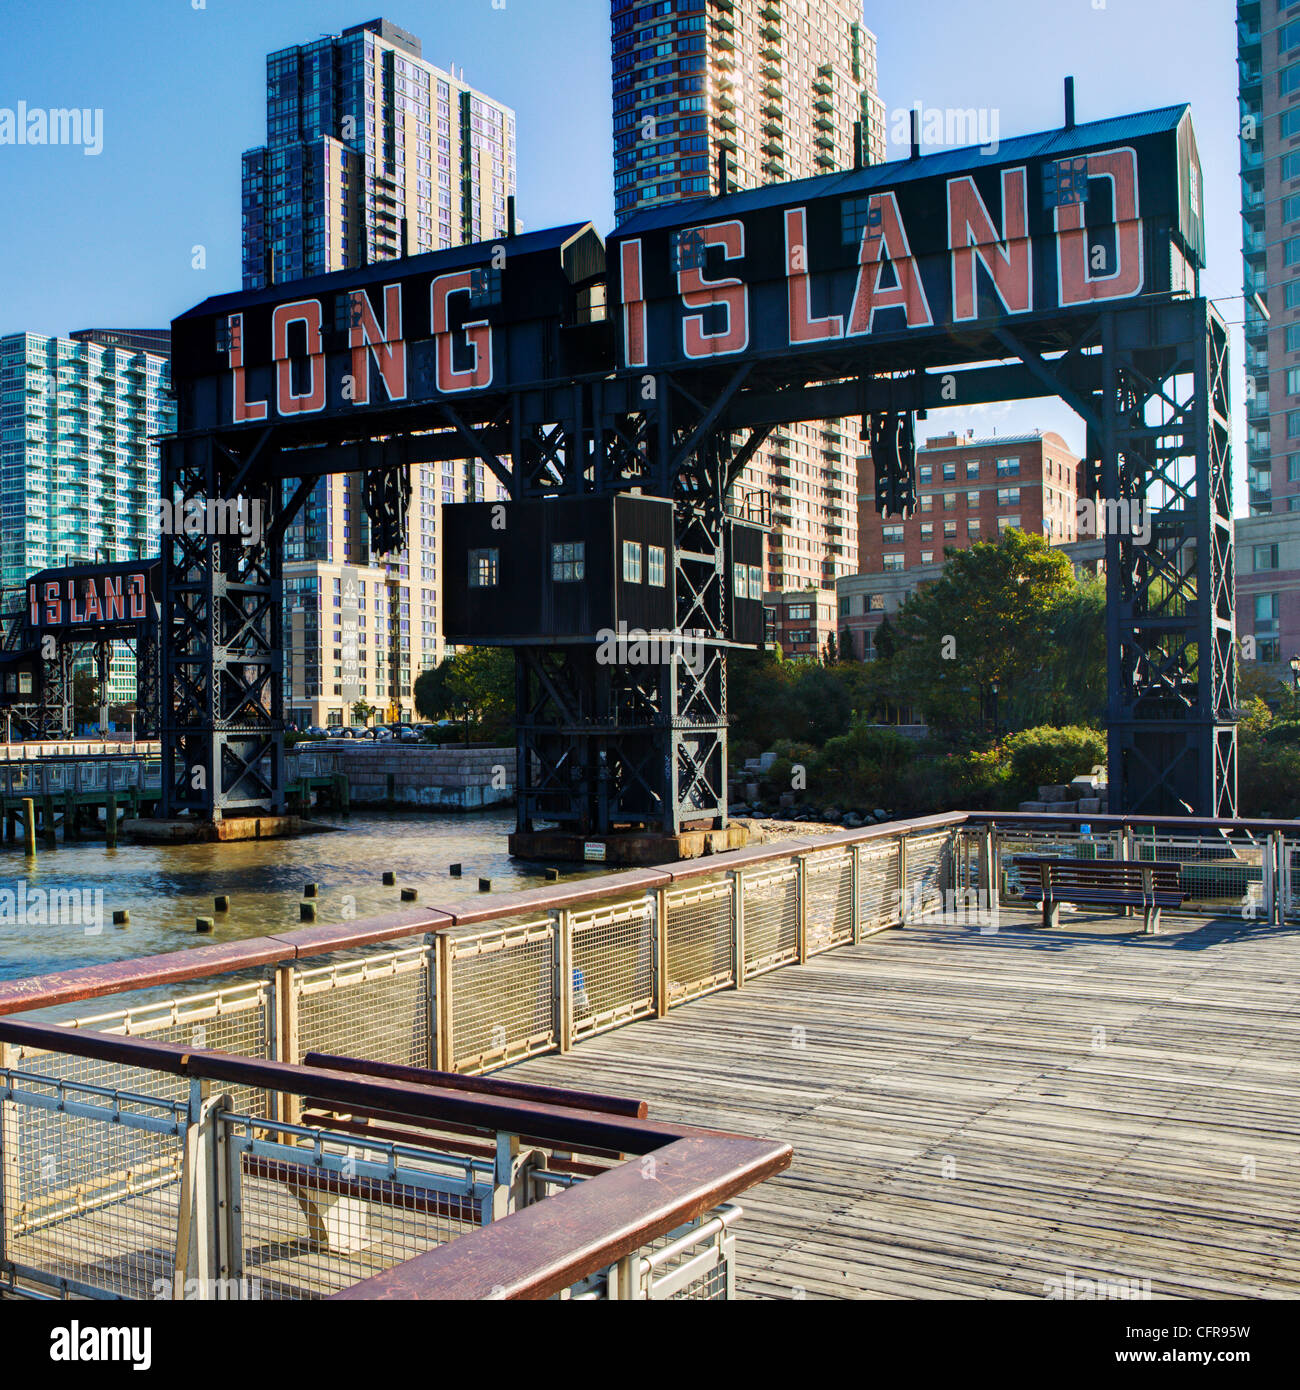 Long Island, Queens, Nueva York, Nueva York, Estados Unidos de América, América del Norte Foto de stock